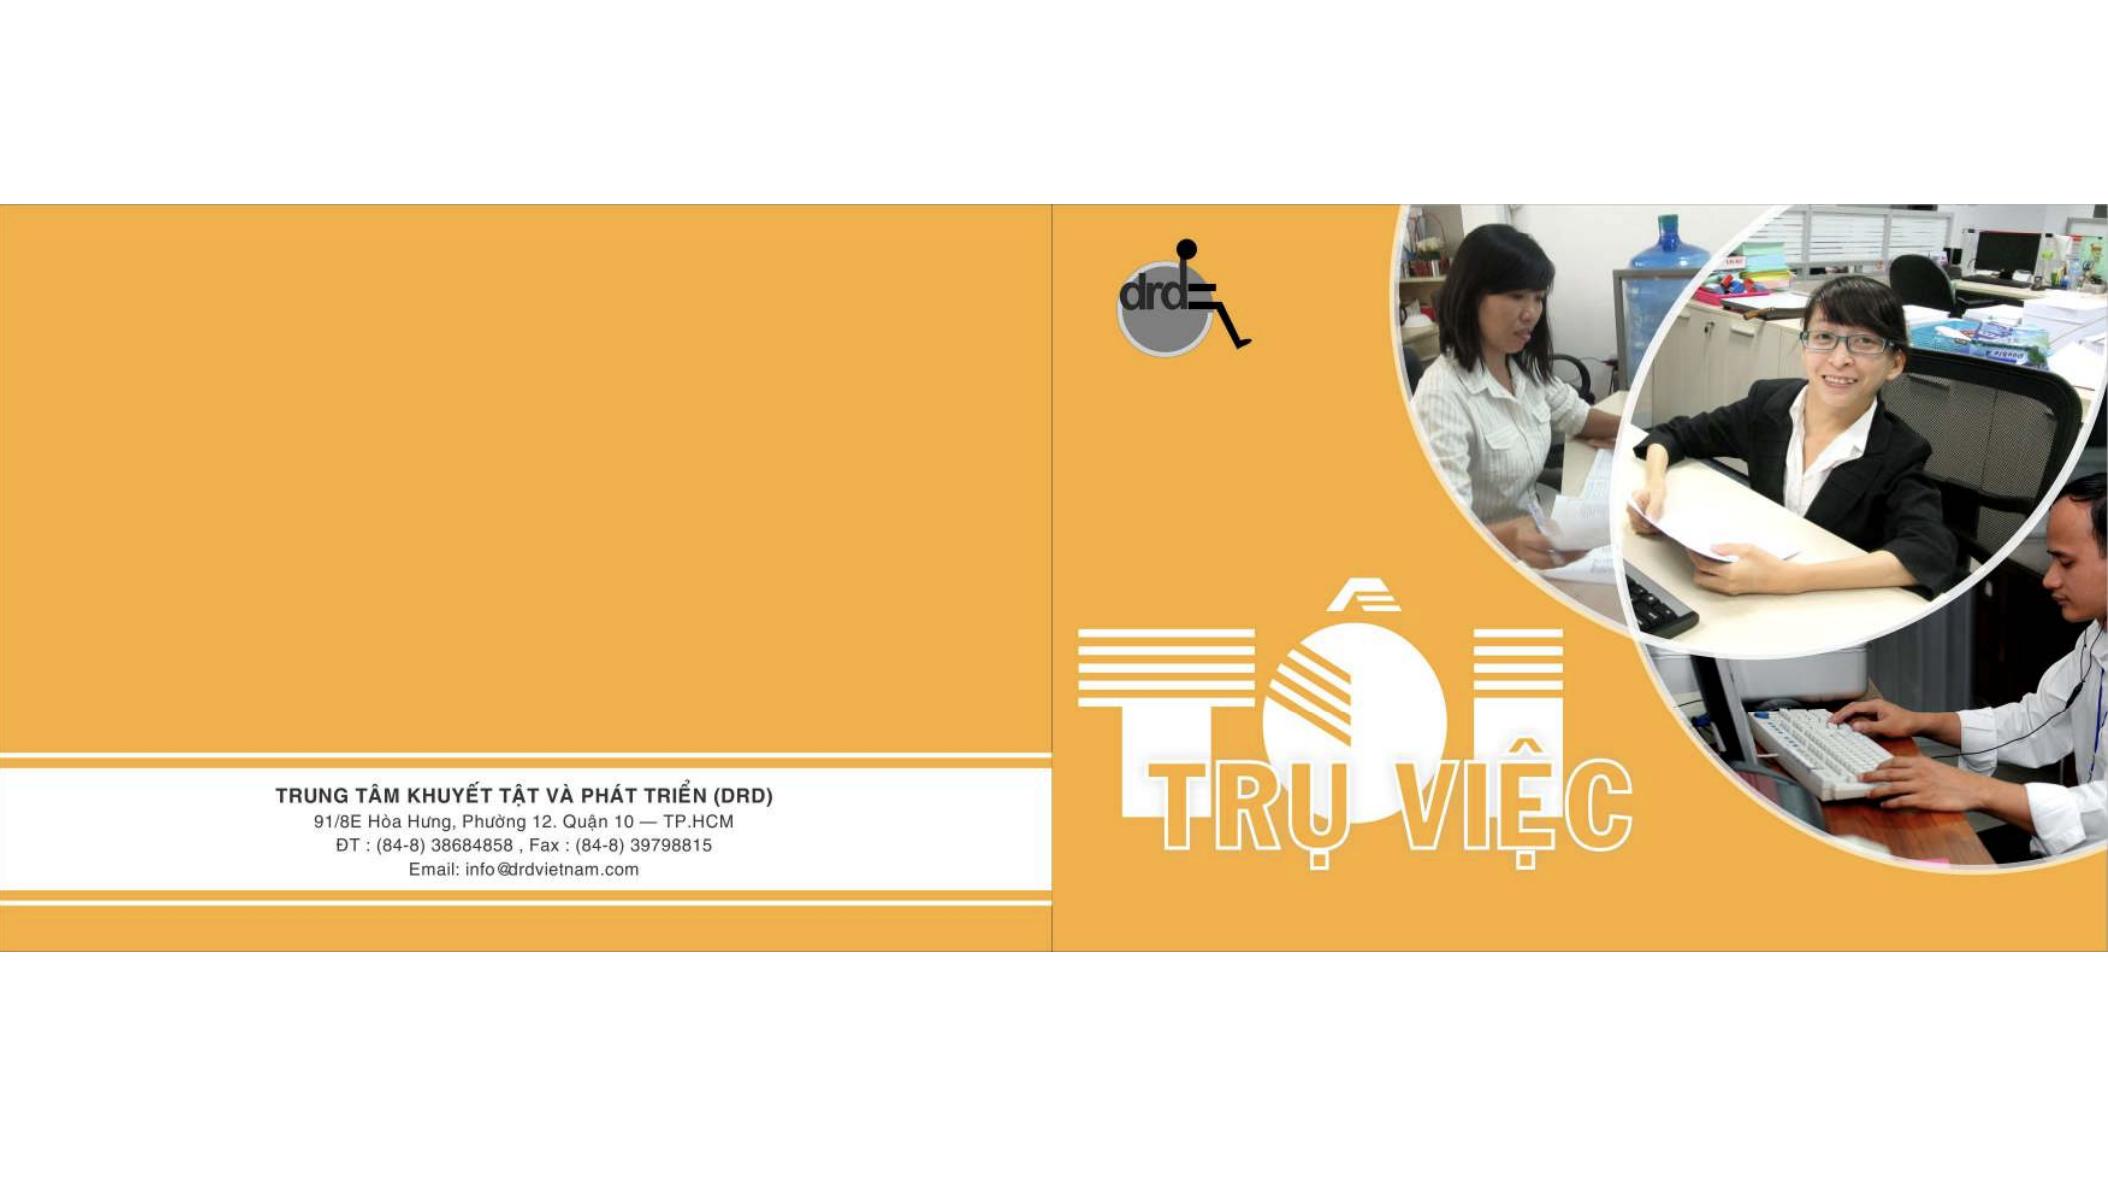 Tôi trụ việc | DRD 2014 (In Vietnamese only)